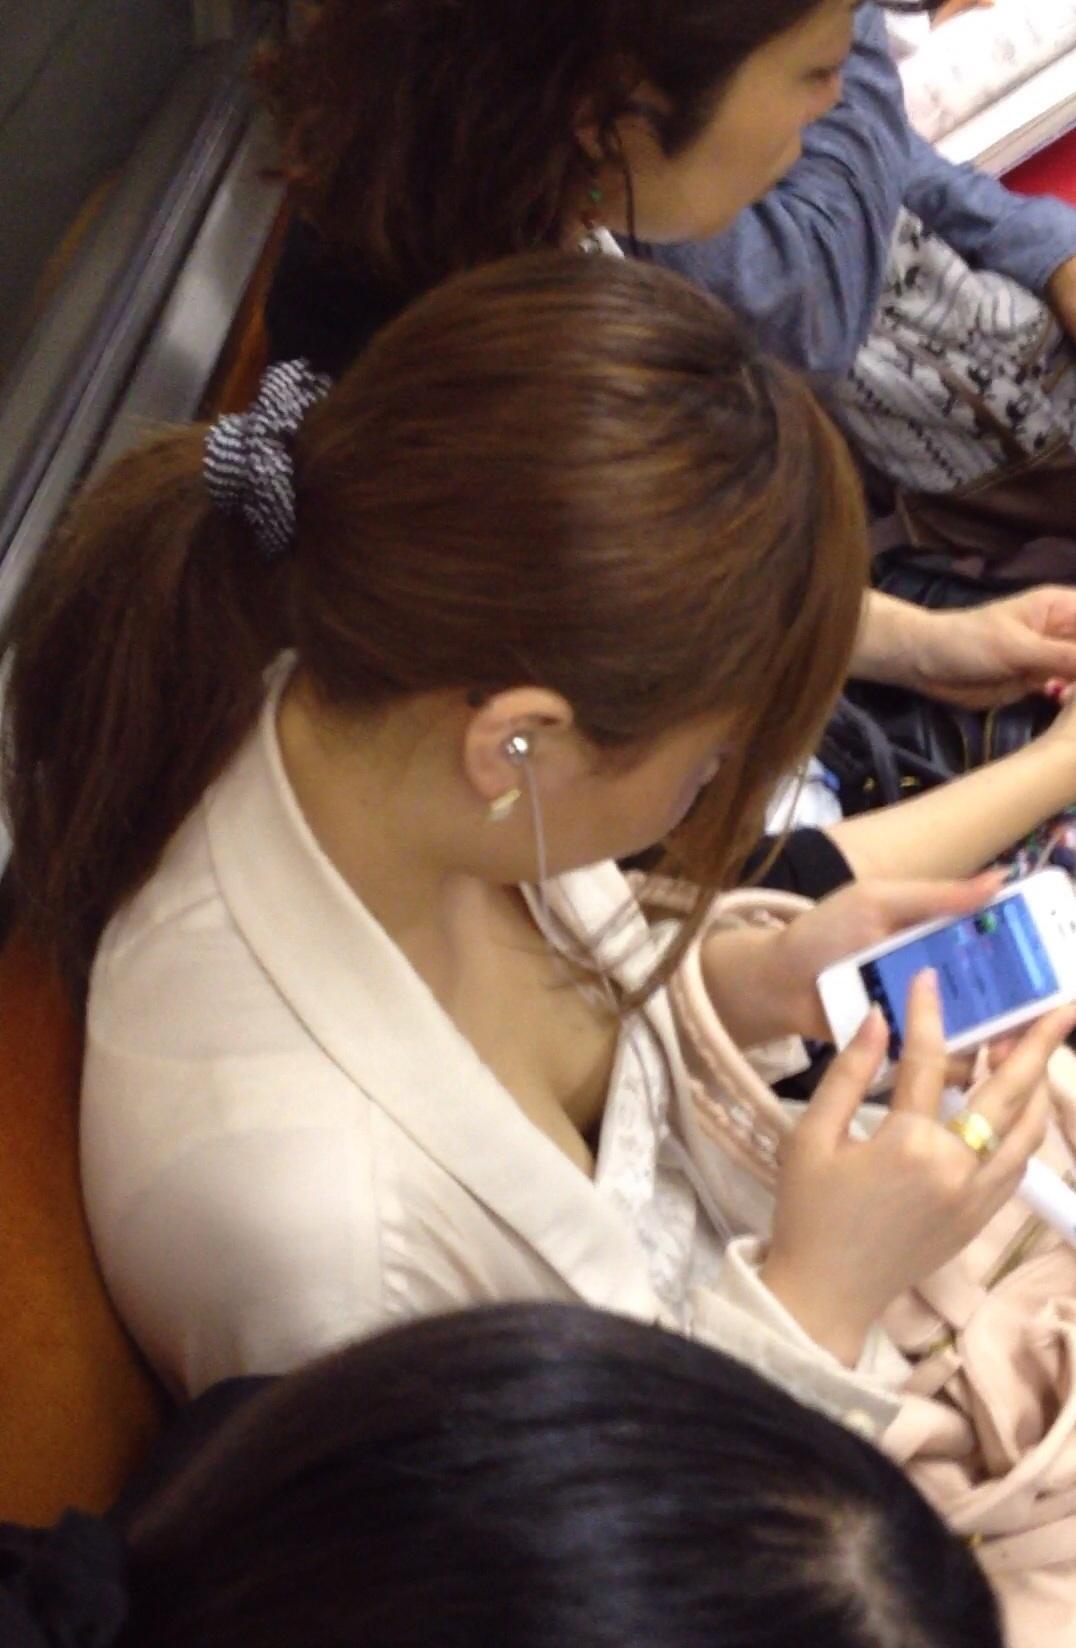 【おっぱい】電車で無防備になってしまう最近の女の子の胸チラ風景まとめ【31枚】 27